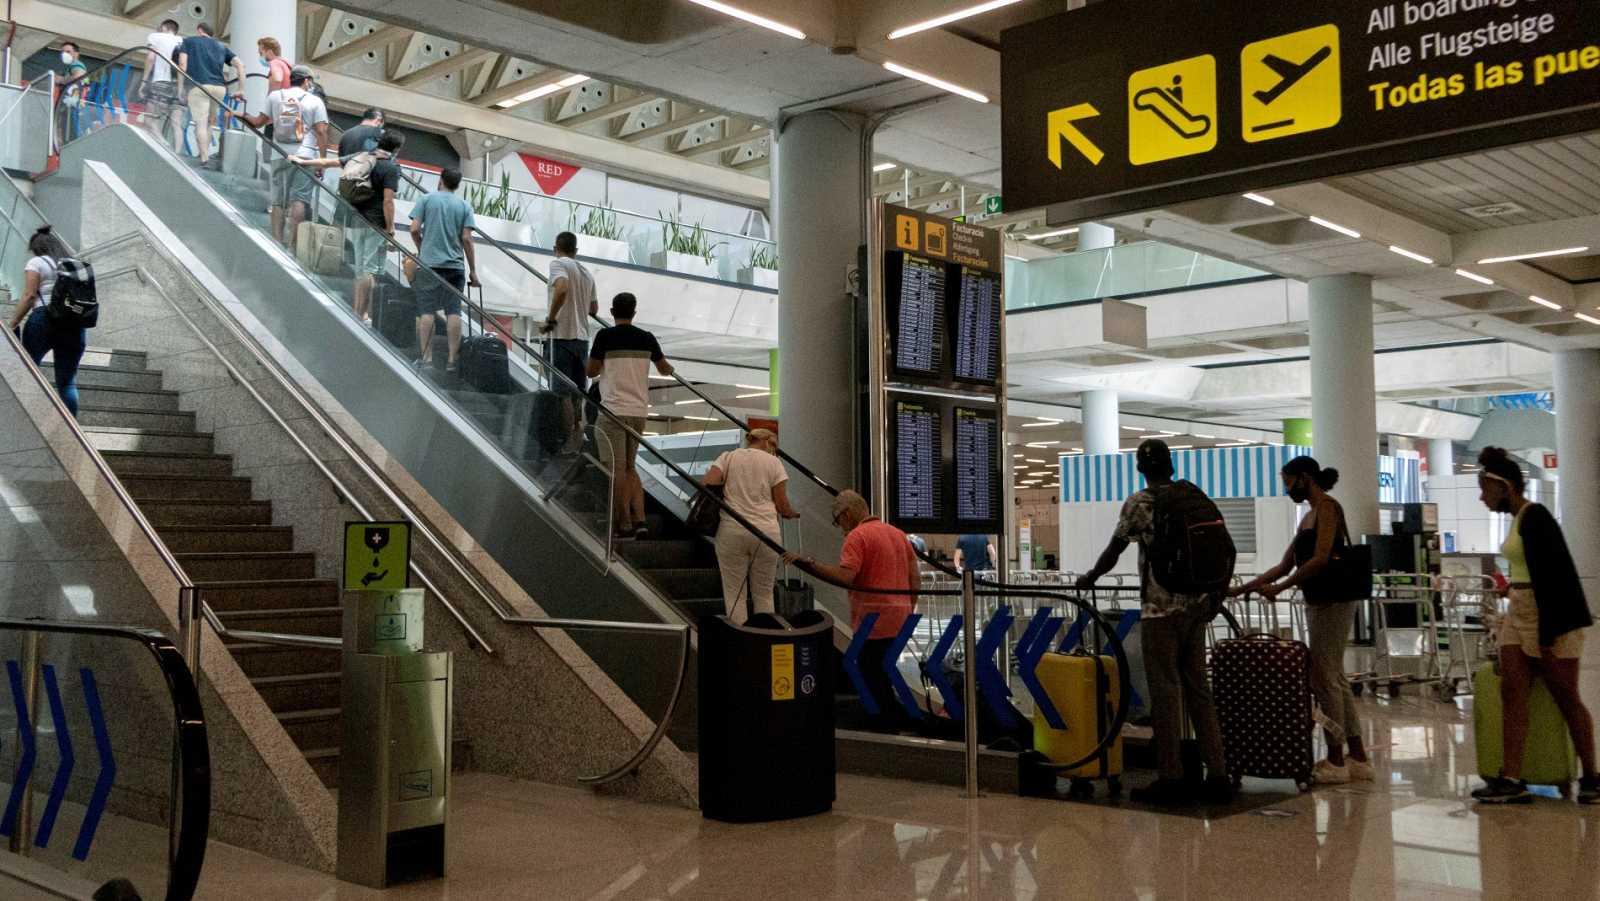 El aeropuerto de Palma este verano